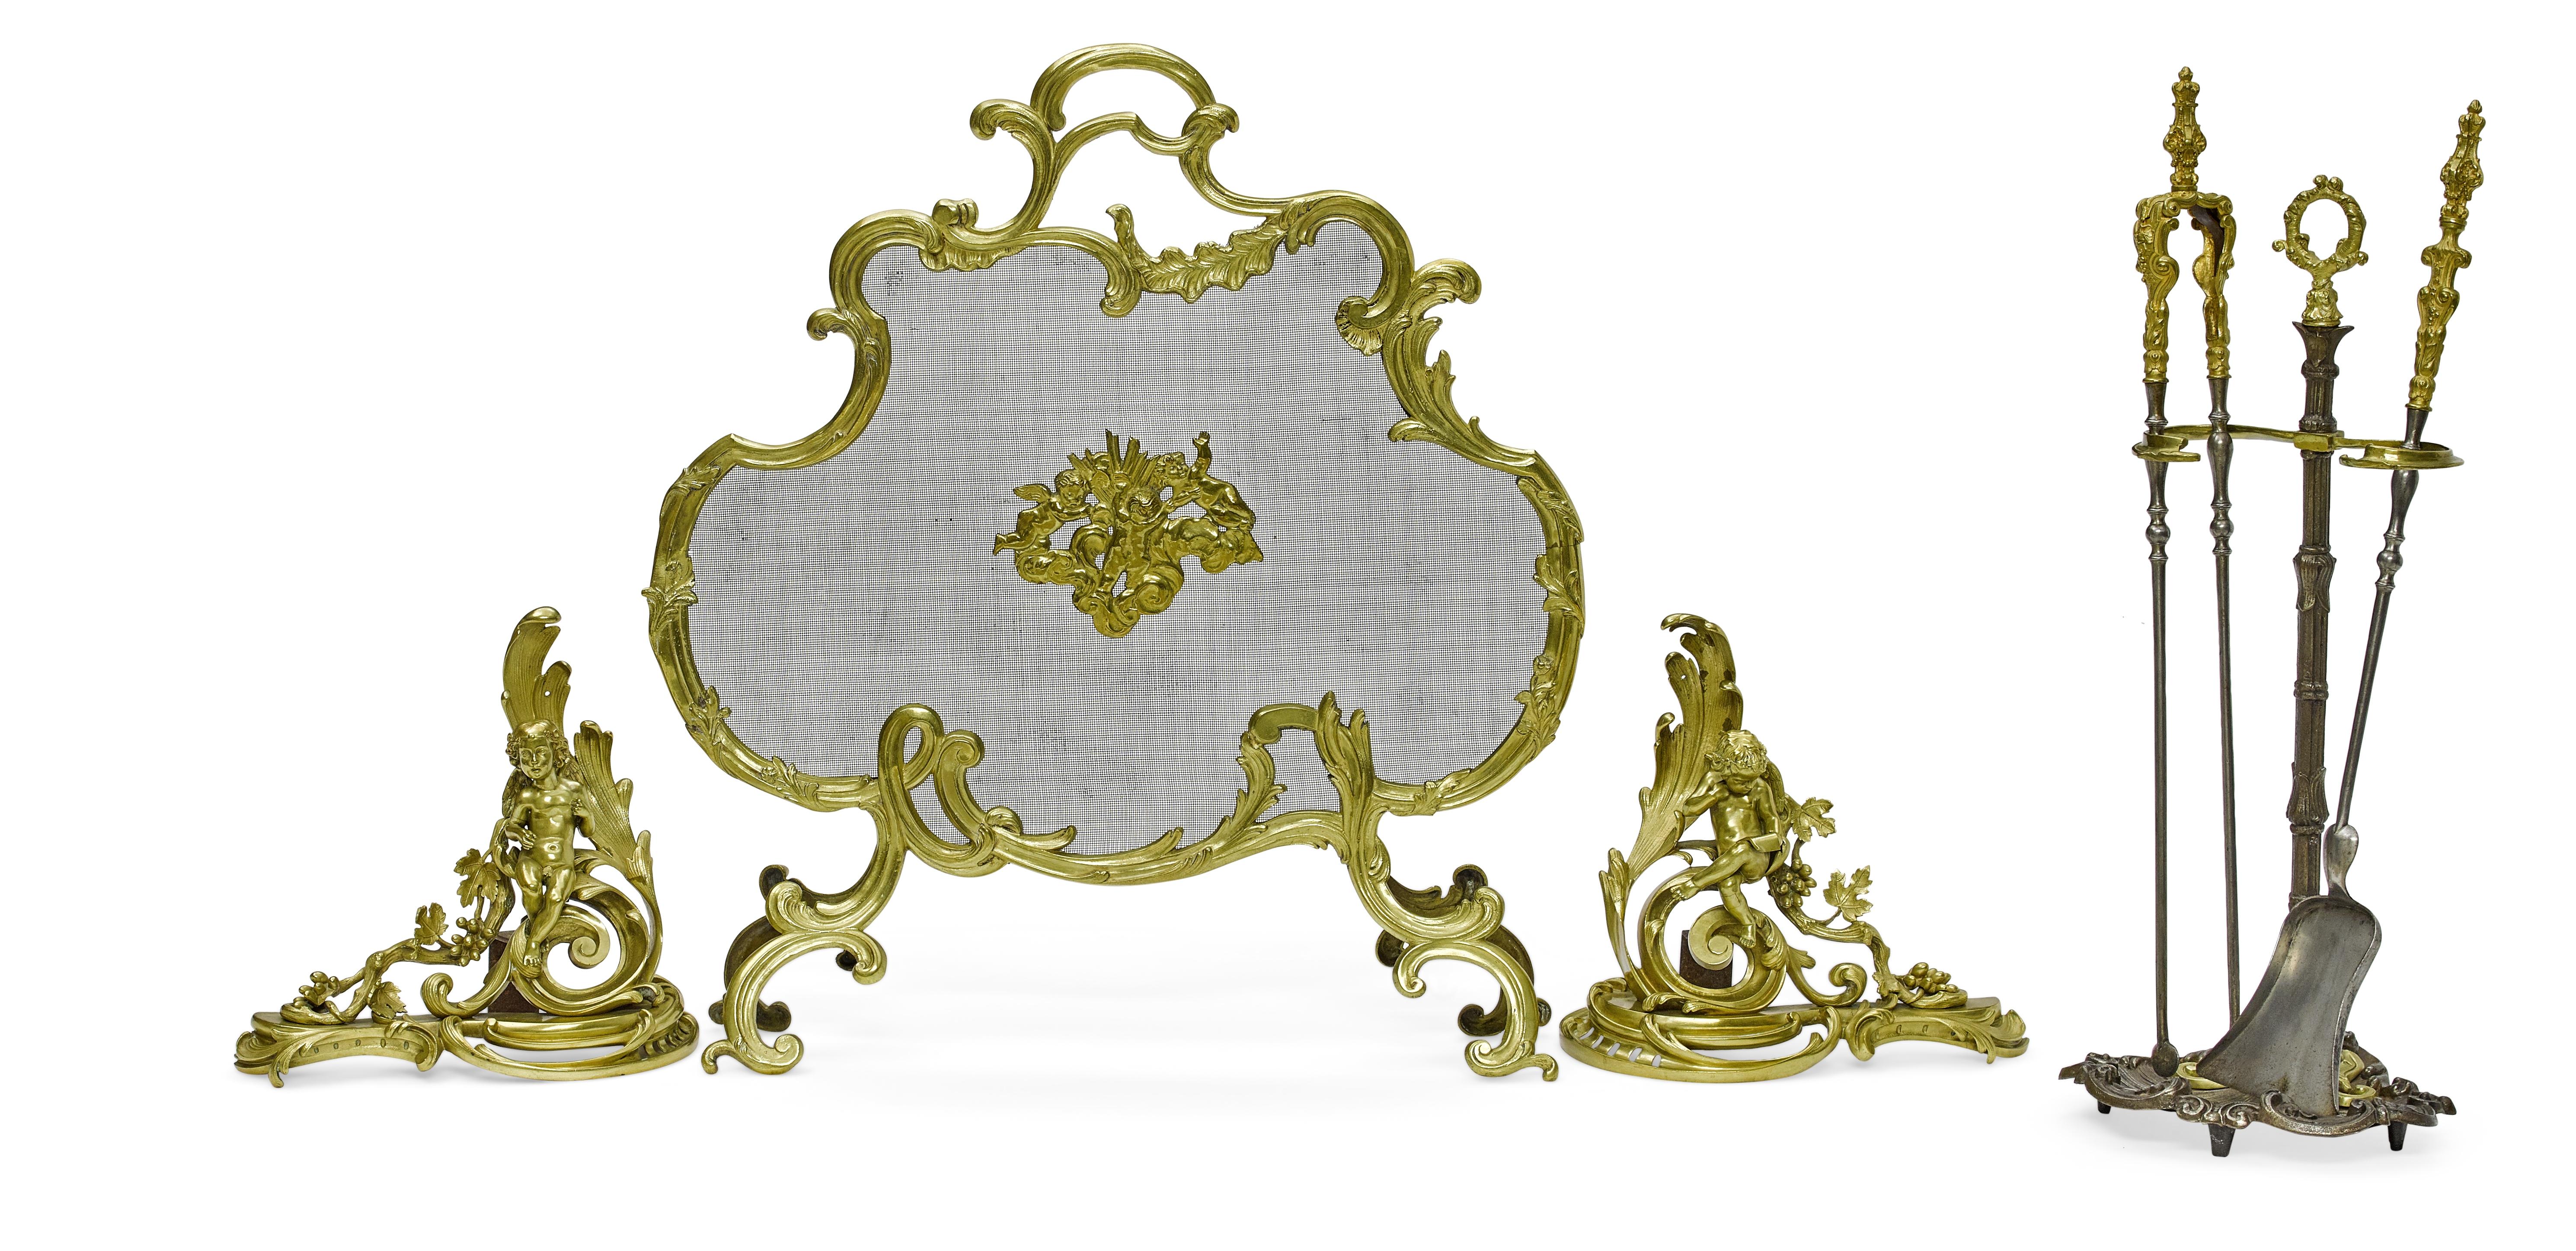 An assembled Louis XV style gilt bronze six piece fireplace set